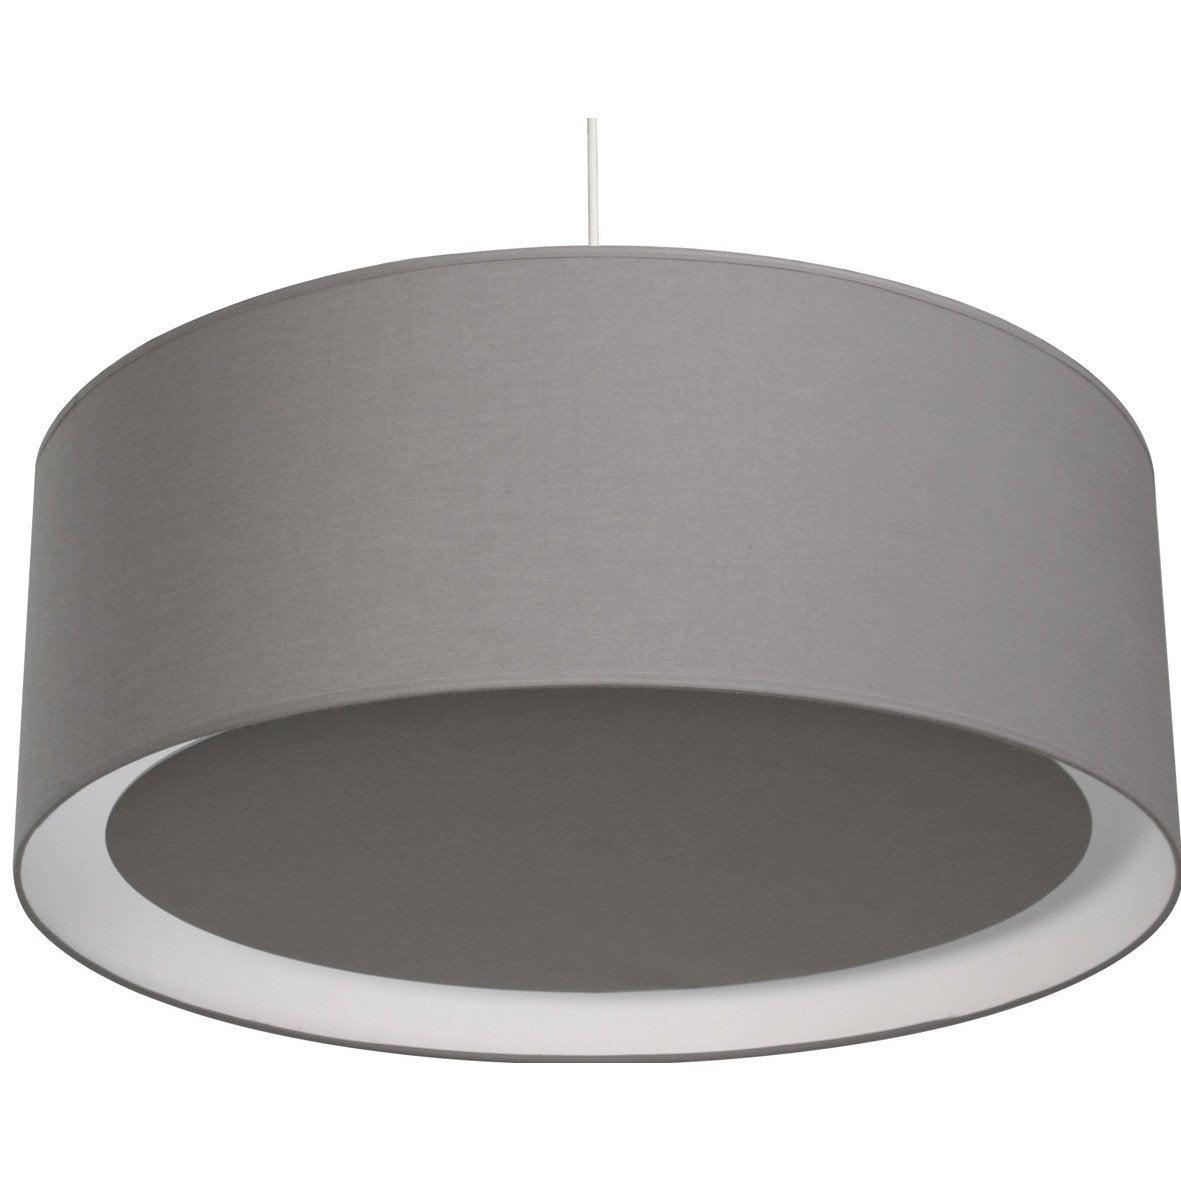 suspension e27 moderne essentiel coton gris galet n 3 1 x 60 w inspire leroy merlin. Black Bedroom Furniture Sets. Home Design Ideas